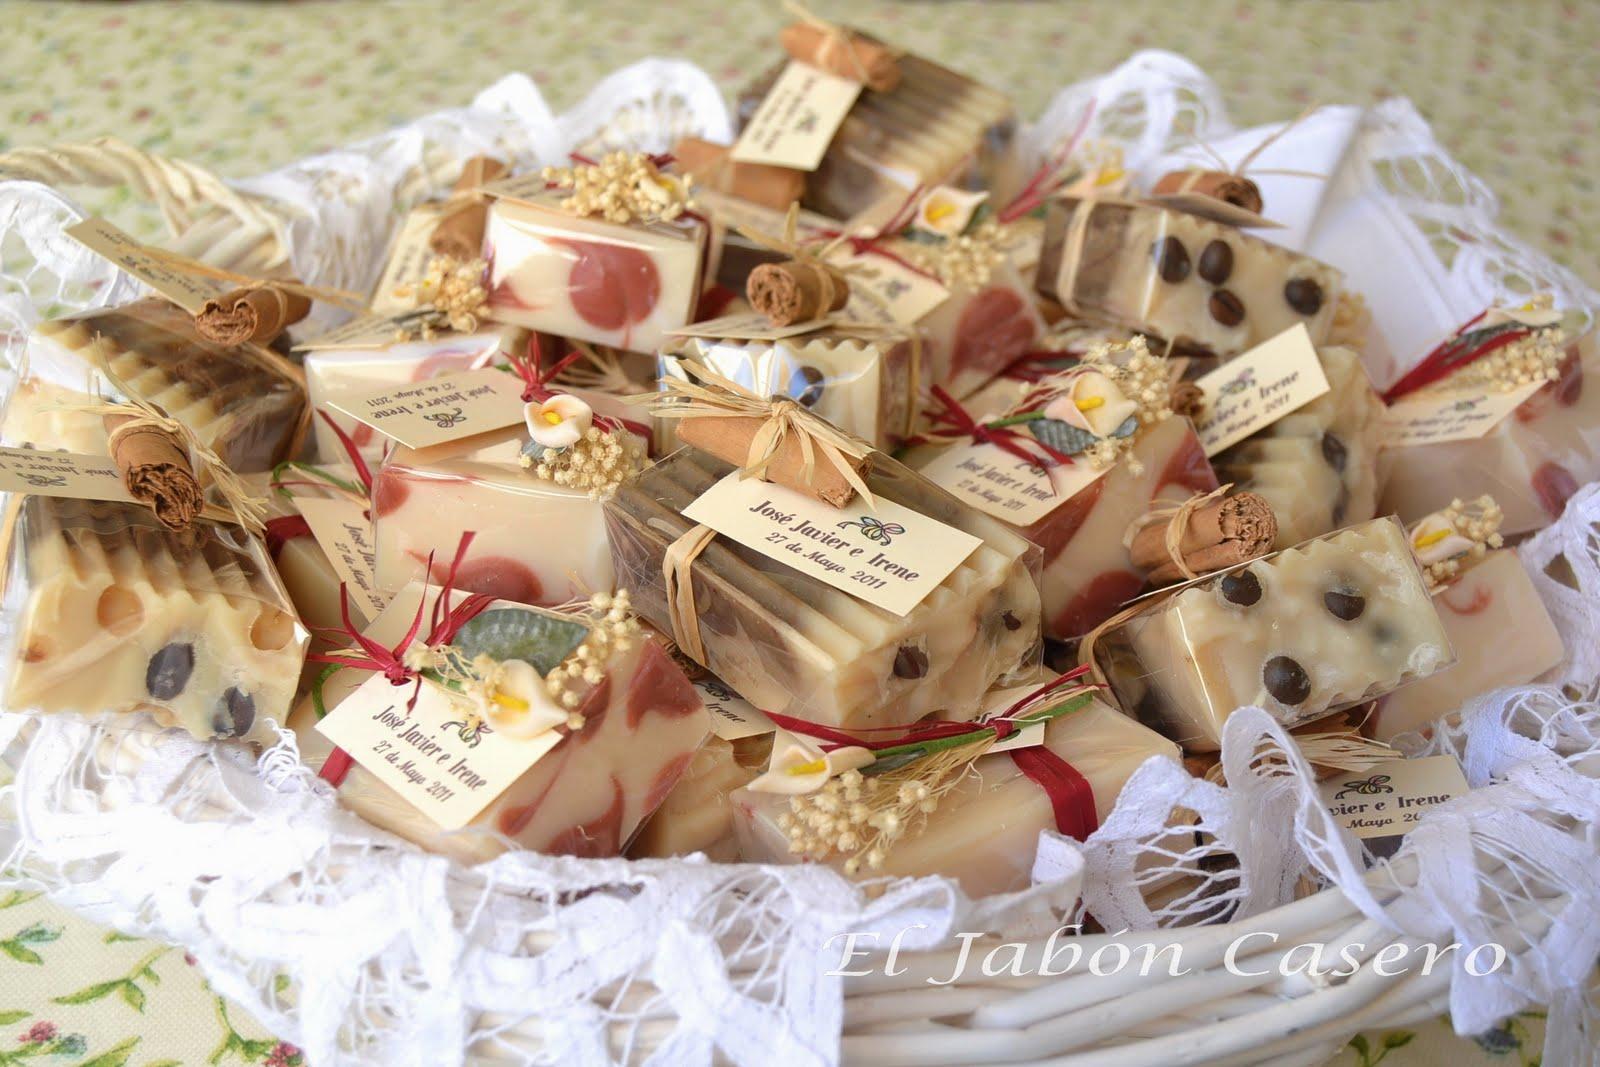 El jab n casero detalles especiales de boda hechos a mano - Como preparar una comunion en casa ...